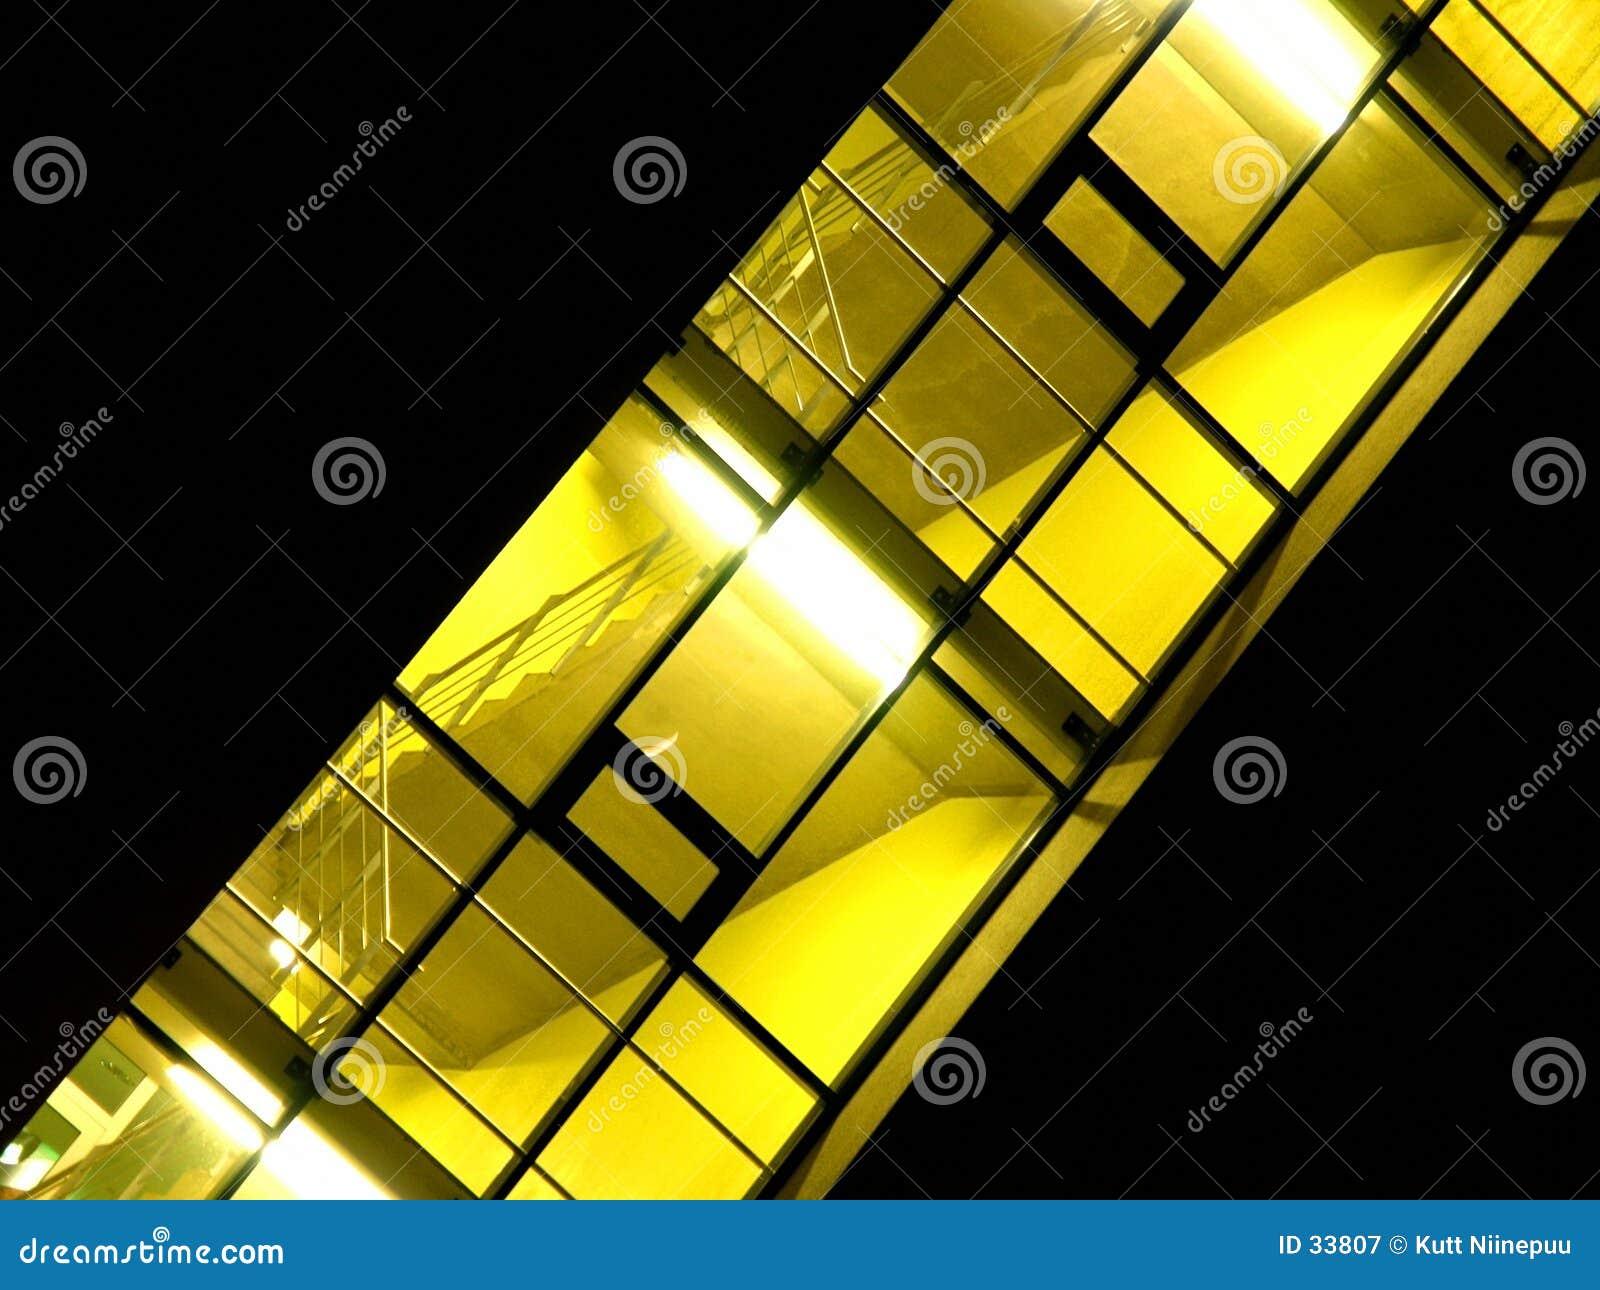 Hallway illuminated skewed